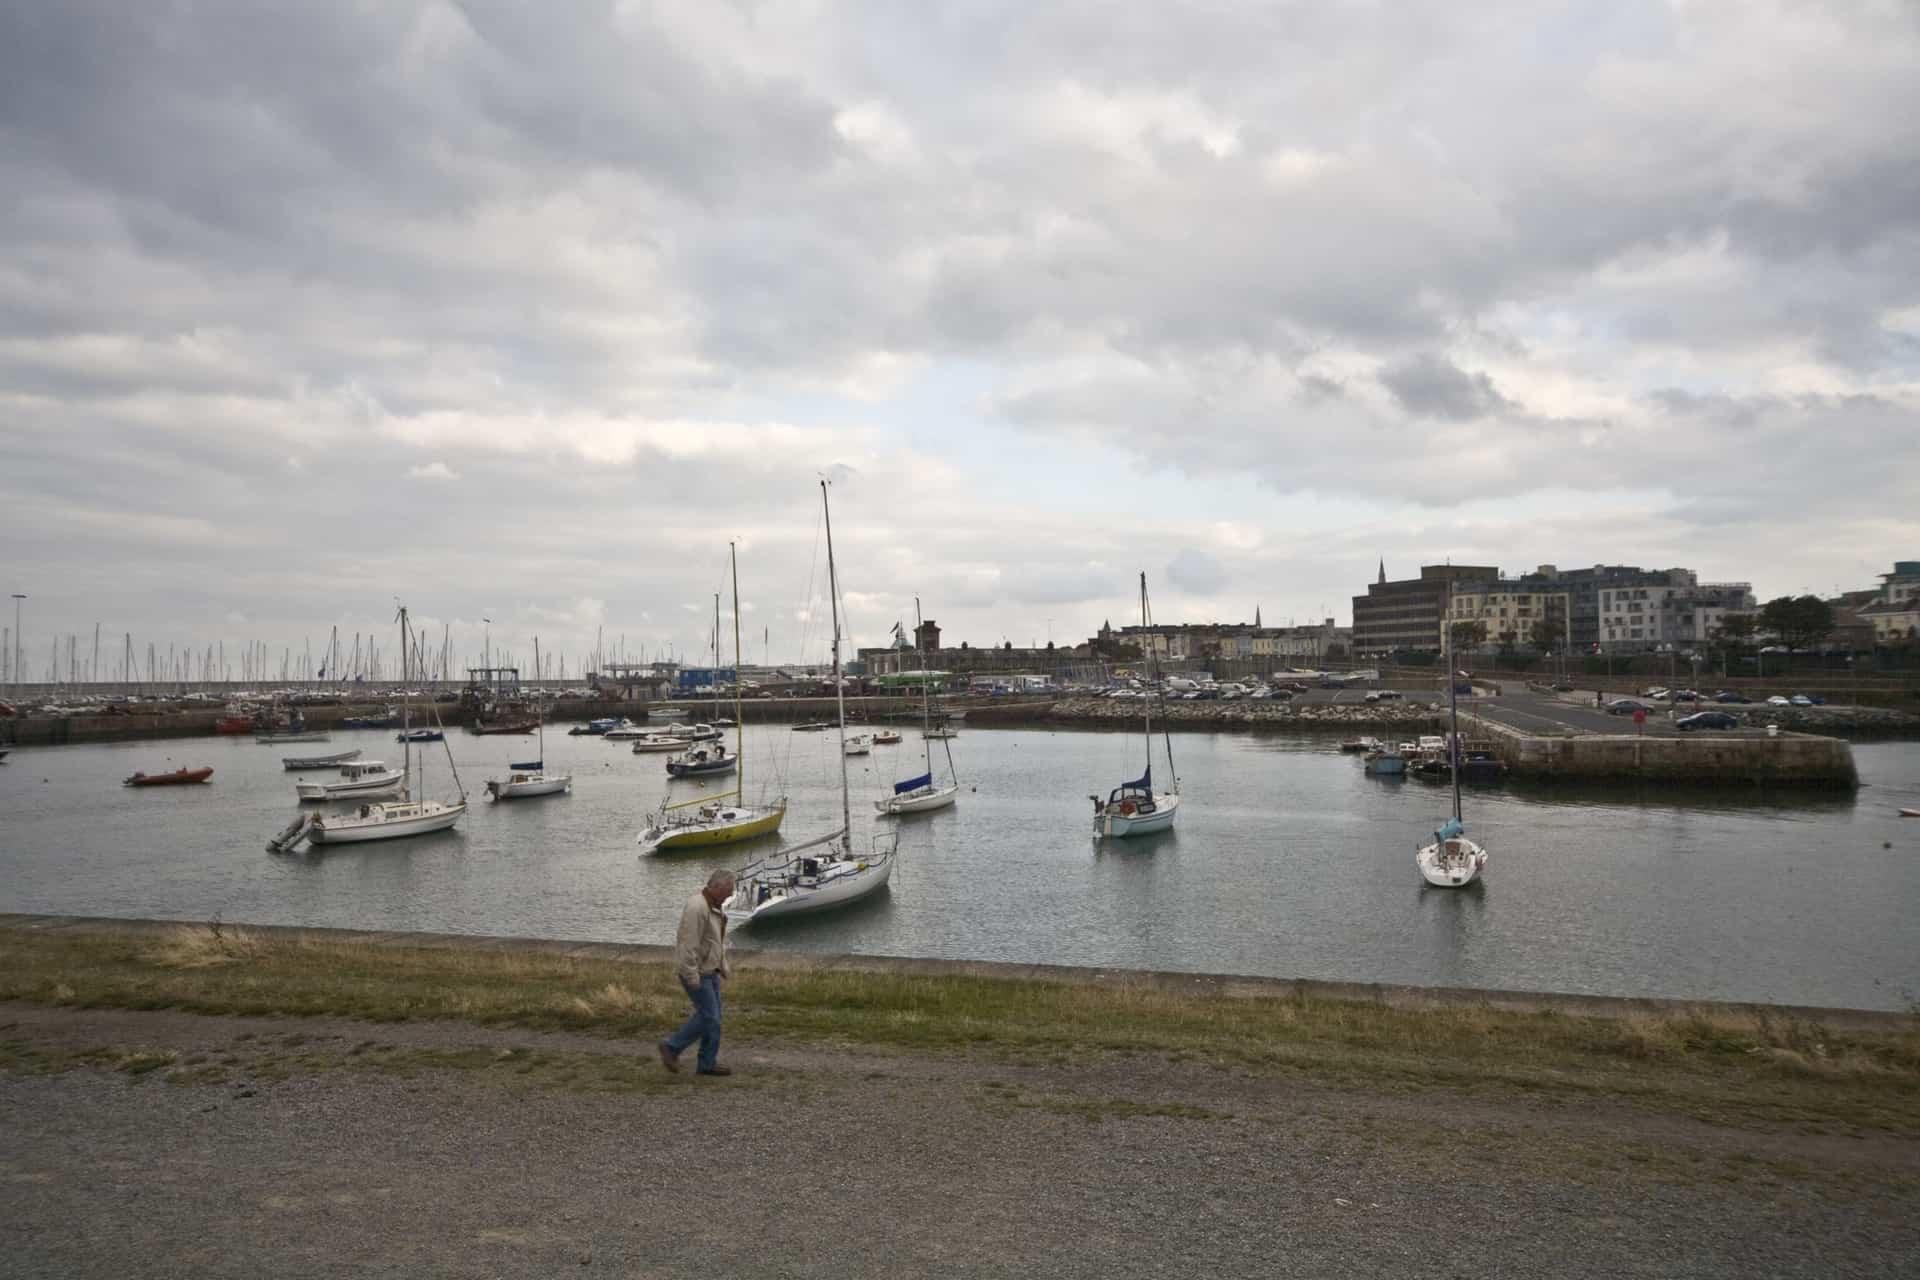 Dun Laoghaire - Irish Towns to visit